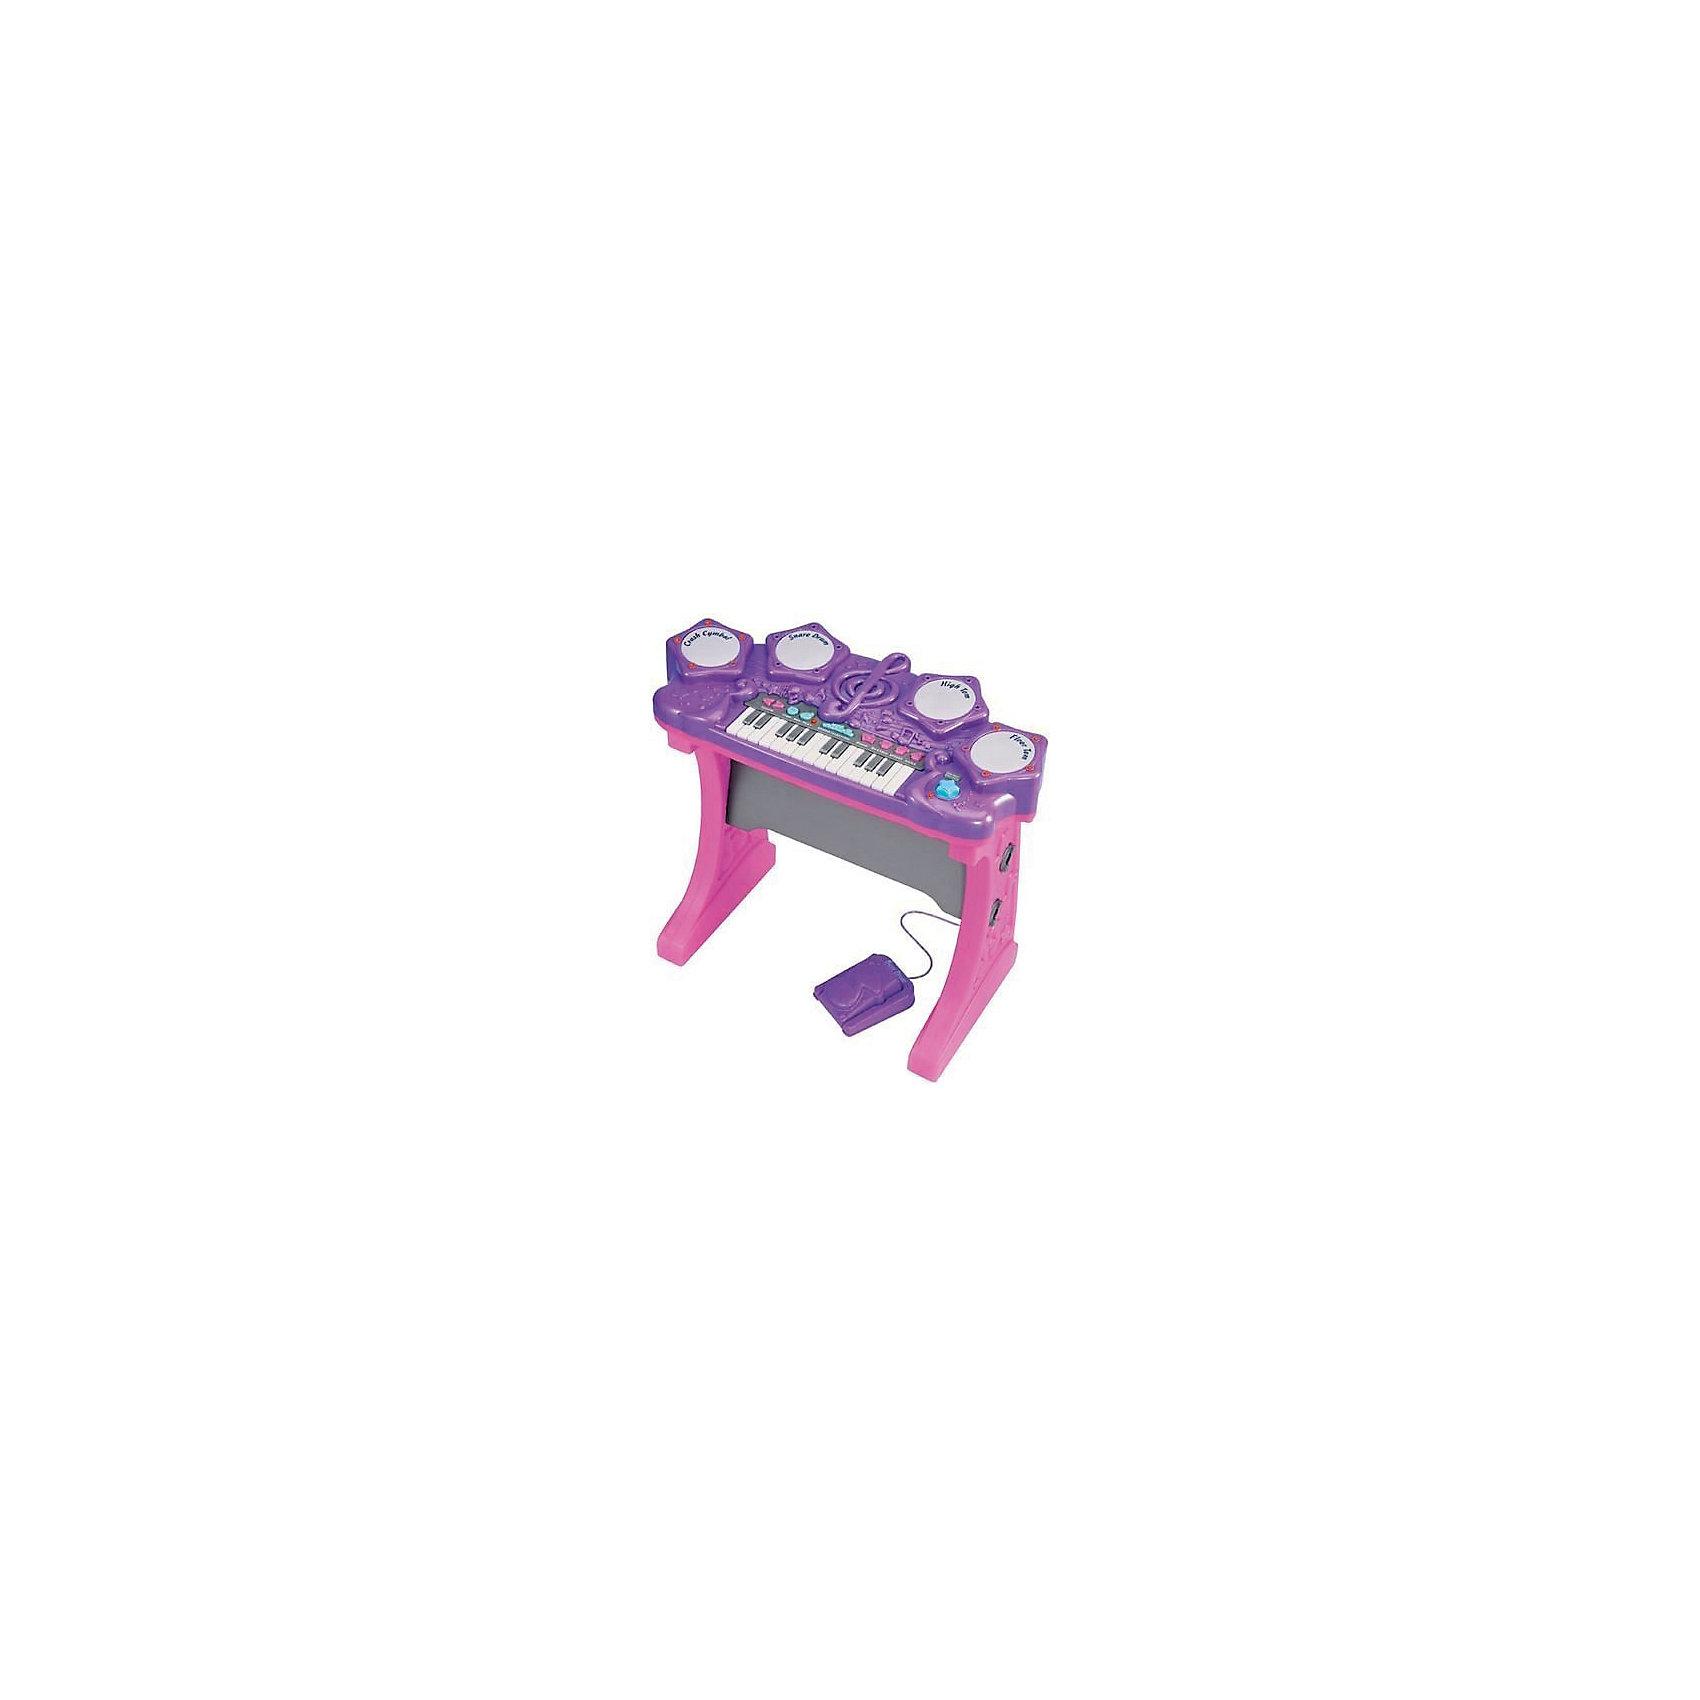 Синтезатор электронный, Red BoxСинтезатор электронный, Red Box (Ред Бокс) - приведет в восторг маленького музыканта.<br>Электронный синтезатор от торговой марки Red Box (Ред Бокс) очарует маленьких любителей музыки приятными мелодичными звуками. Нажимая на всевозможные кнопки, ребенок услышит разнообразные мелодии, звуки, ритмы, ноты. Он может изучать ноты, придумывать свои мелодии или накладывать музыку на уже готовые мелодии. Синтезатор может проигрывать 15 мелодий, записывать и воспроизводить мелодии, имеет 4 клавиши ударника, комплектуется барабанными палочками для ударных и педалью. Громкость можно отрегулировать по своему усмотрению. Синтезатор оснащен световыми эффектами. Игрушка сделана из пластика высокого качества и раскрашена в яркие цвета. Такой музыкальный инструмент развивает у ребенка чувство ритма, слух, координацию и творческое мышление.<br><br>Дополнительная информация:<br><br>- В комплекте: синтезатор; педаль ударника; 2 барабанные палочки<br>- 20 различных звуков от барабана или педали<br>- 3 демонстрационные песни<br>- 15 различных ритмов при нажатии белых клавиш<br>- 4 клавиши ударника (Crash Cymbal, Snare Drum, High Tom, Floor Tom)<br>- Игра сопровождается световыми эффектами<br>- Громкость звучания можно регулировать<br>- Материал: пластик<br>- Батарейки: 4 шт. типа СR14 1,5 V (в комплект не входят)<br>- Размер синтезатора: 58х29х53 см.<br>- Размер упаковки: 63х10х51 см.<br><br>Синтезатор электронный, Red Box (Ред Бокс) можно купить в нашем интернет-магазине.<br><br>Ширина мм: 600<br>Глубина мм: 100<br>Высота мм: 500<br>Вес г: 3700<br>Возраст от месяцев: 36<br>Возраст до месяцев: 120<br>Пол: Унисекс<br>Возраст: Детский<br>SKU: 4747484